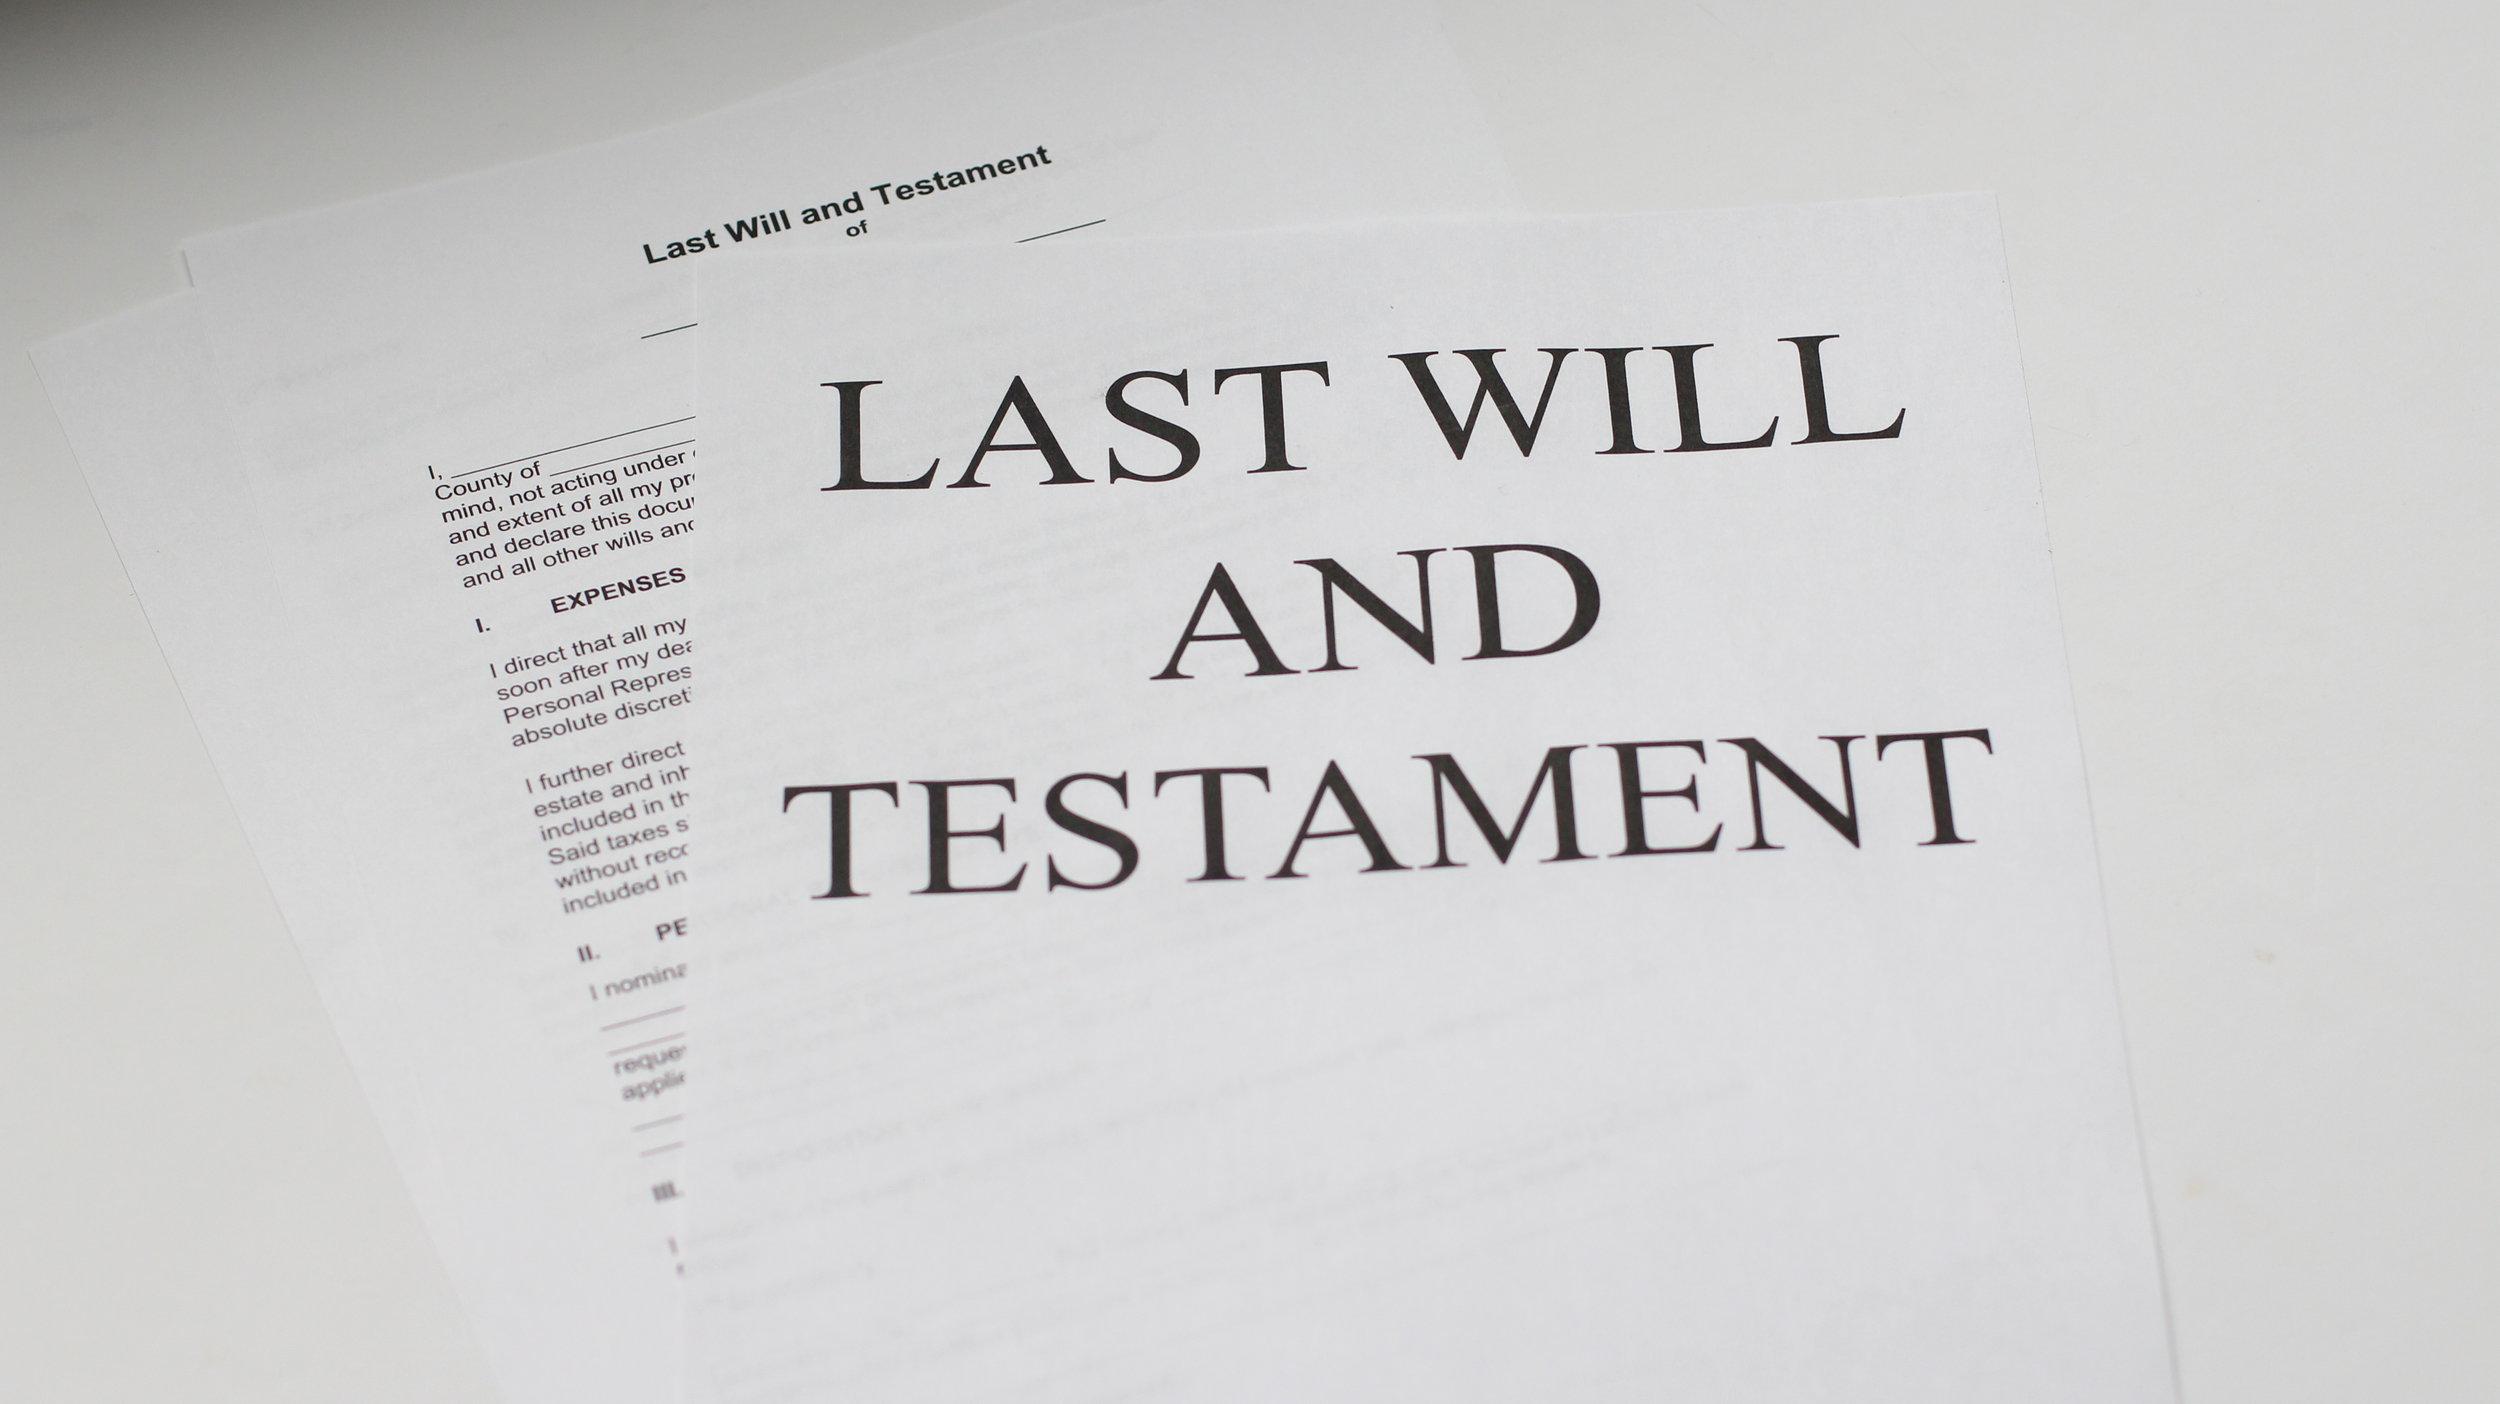 Wills and Estates